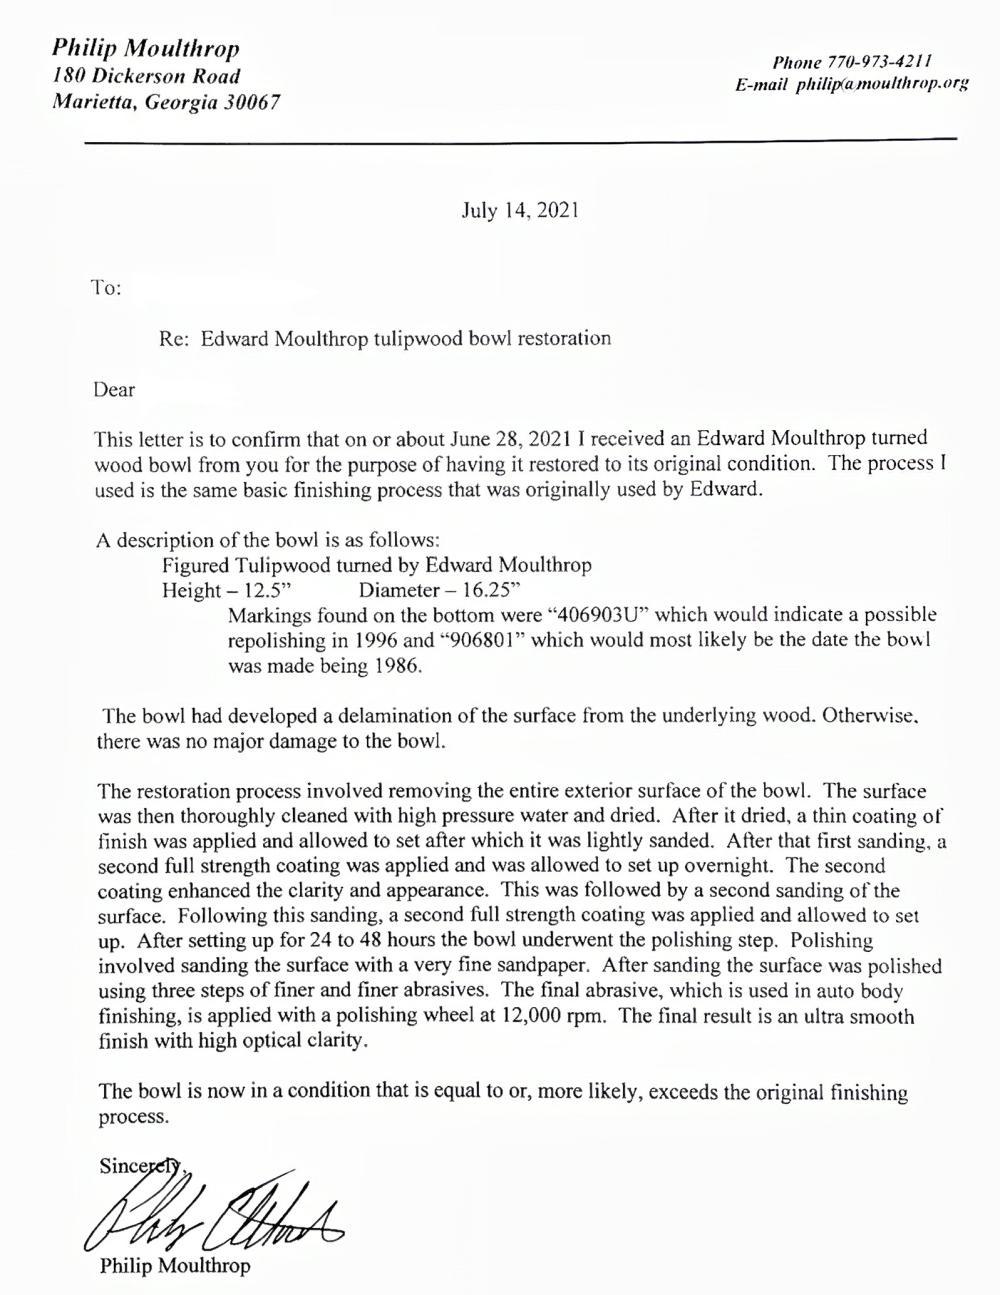 EDWARD MOULTHROP LARGE TURNED TULIPWOOD BOWL NEAR FLAWLESS!